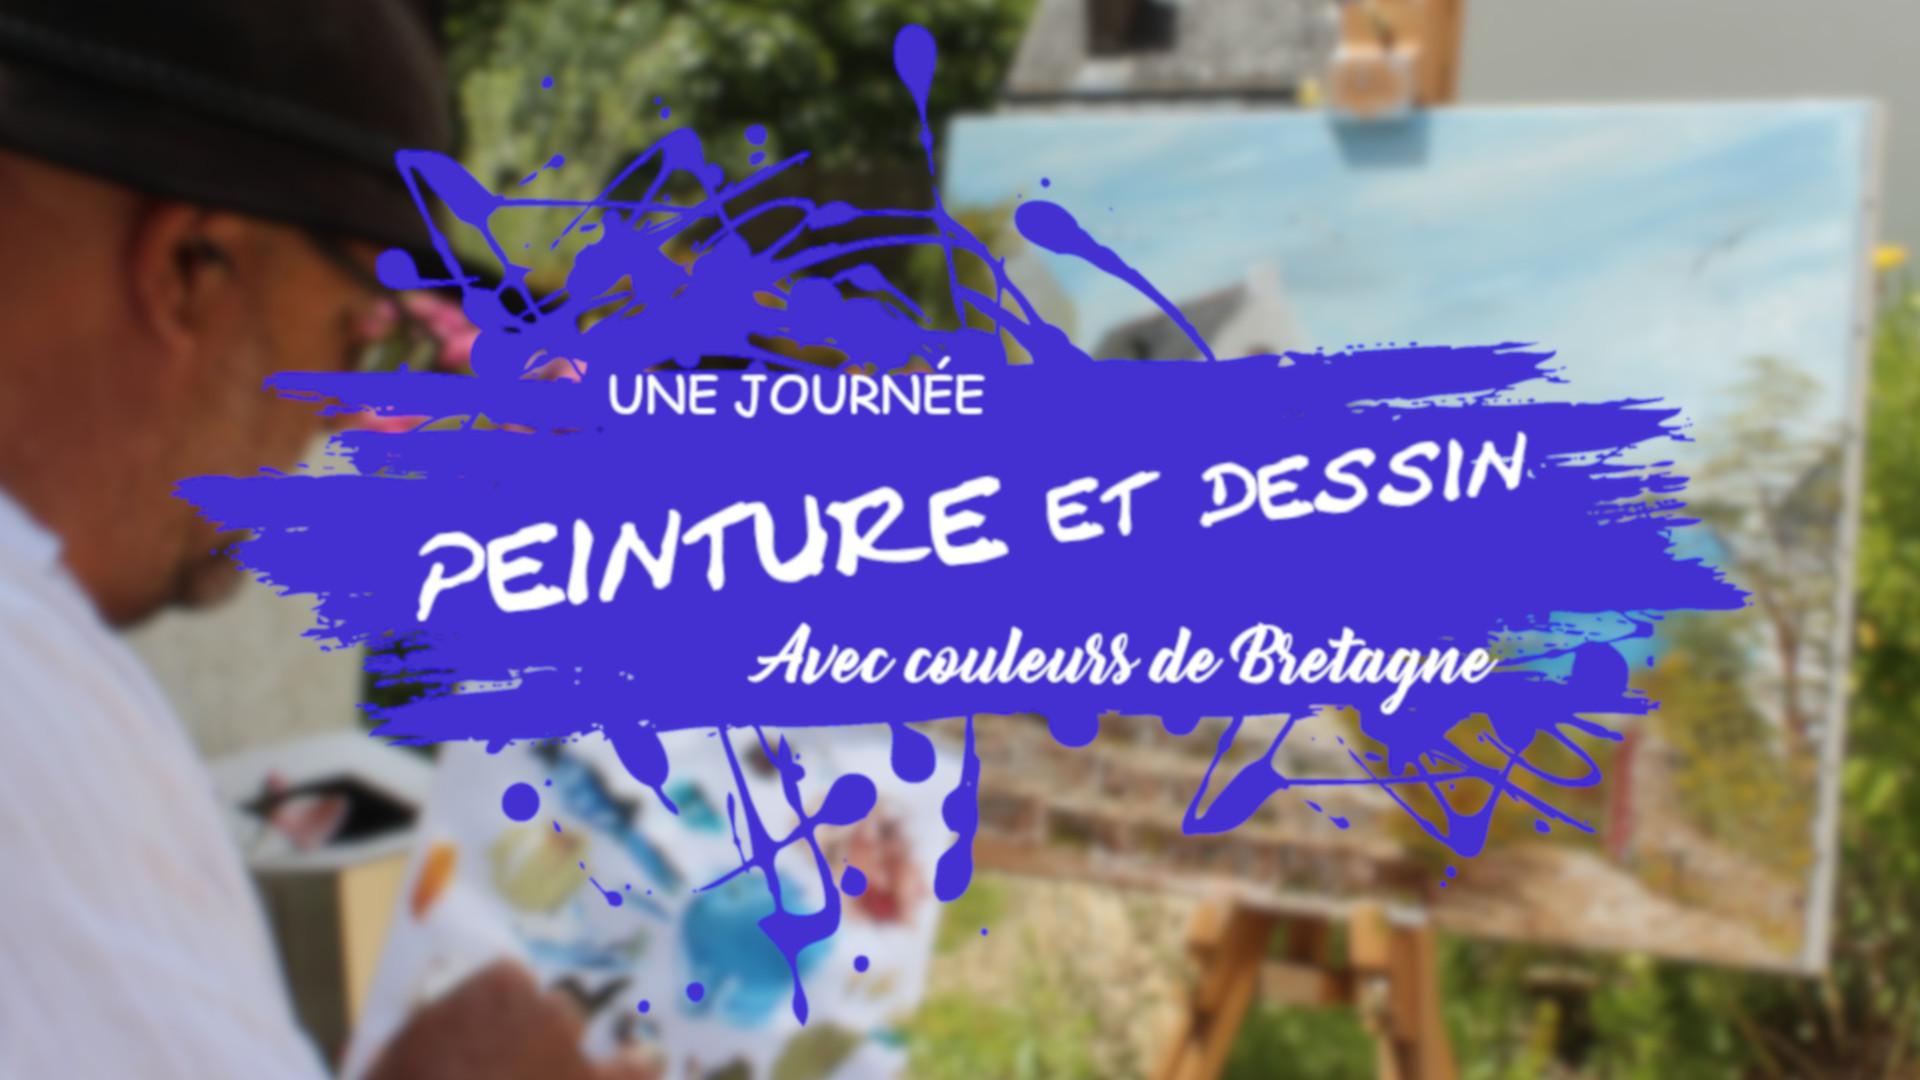 Une journée Peinture et dessin avec couleurs de Bretagne